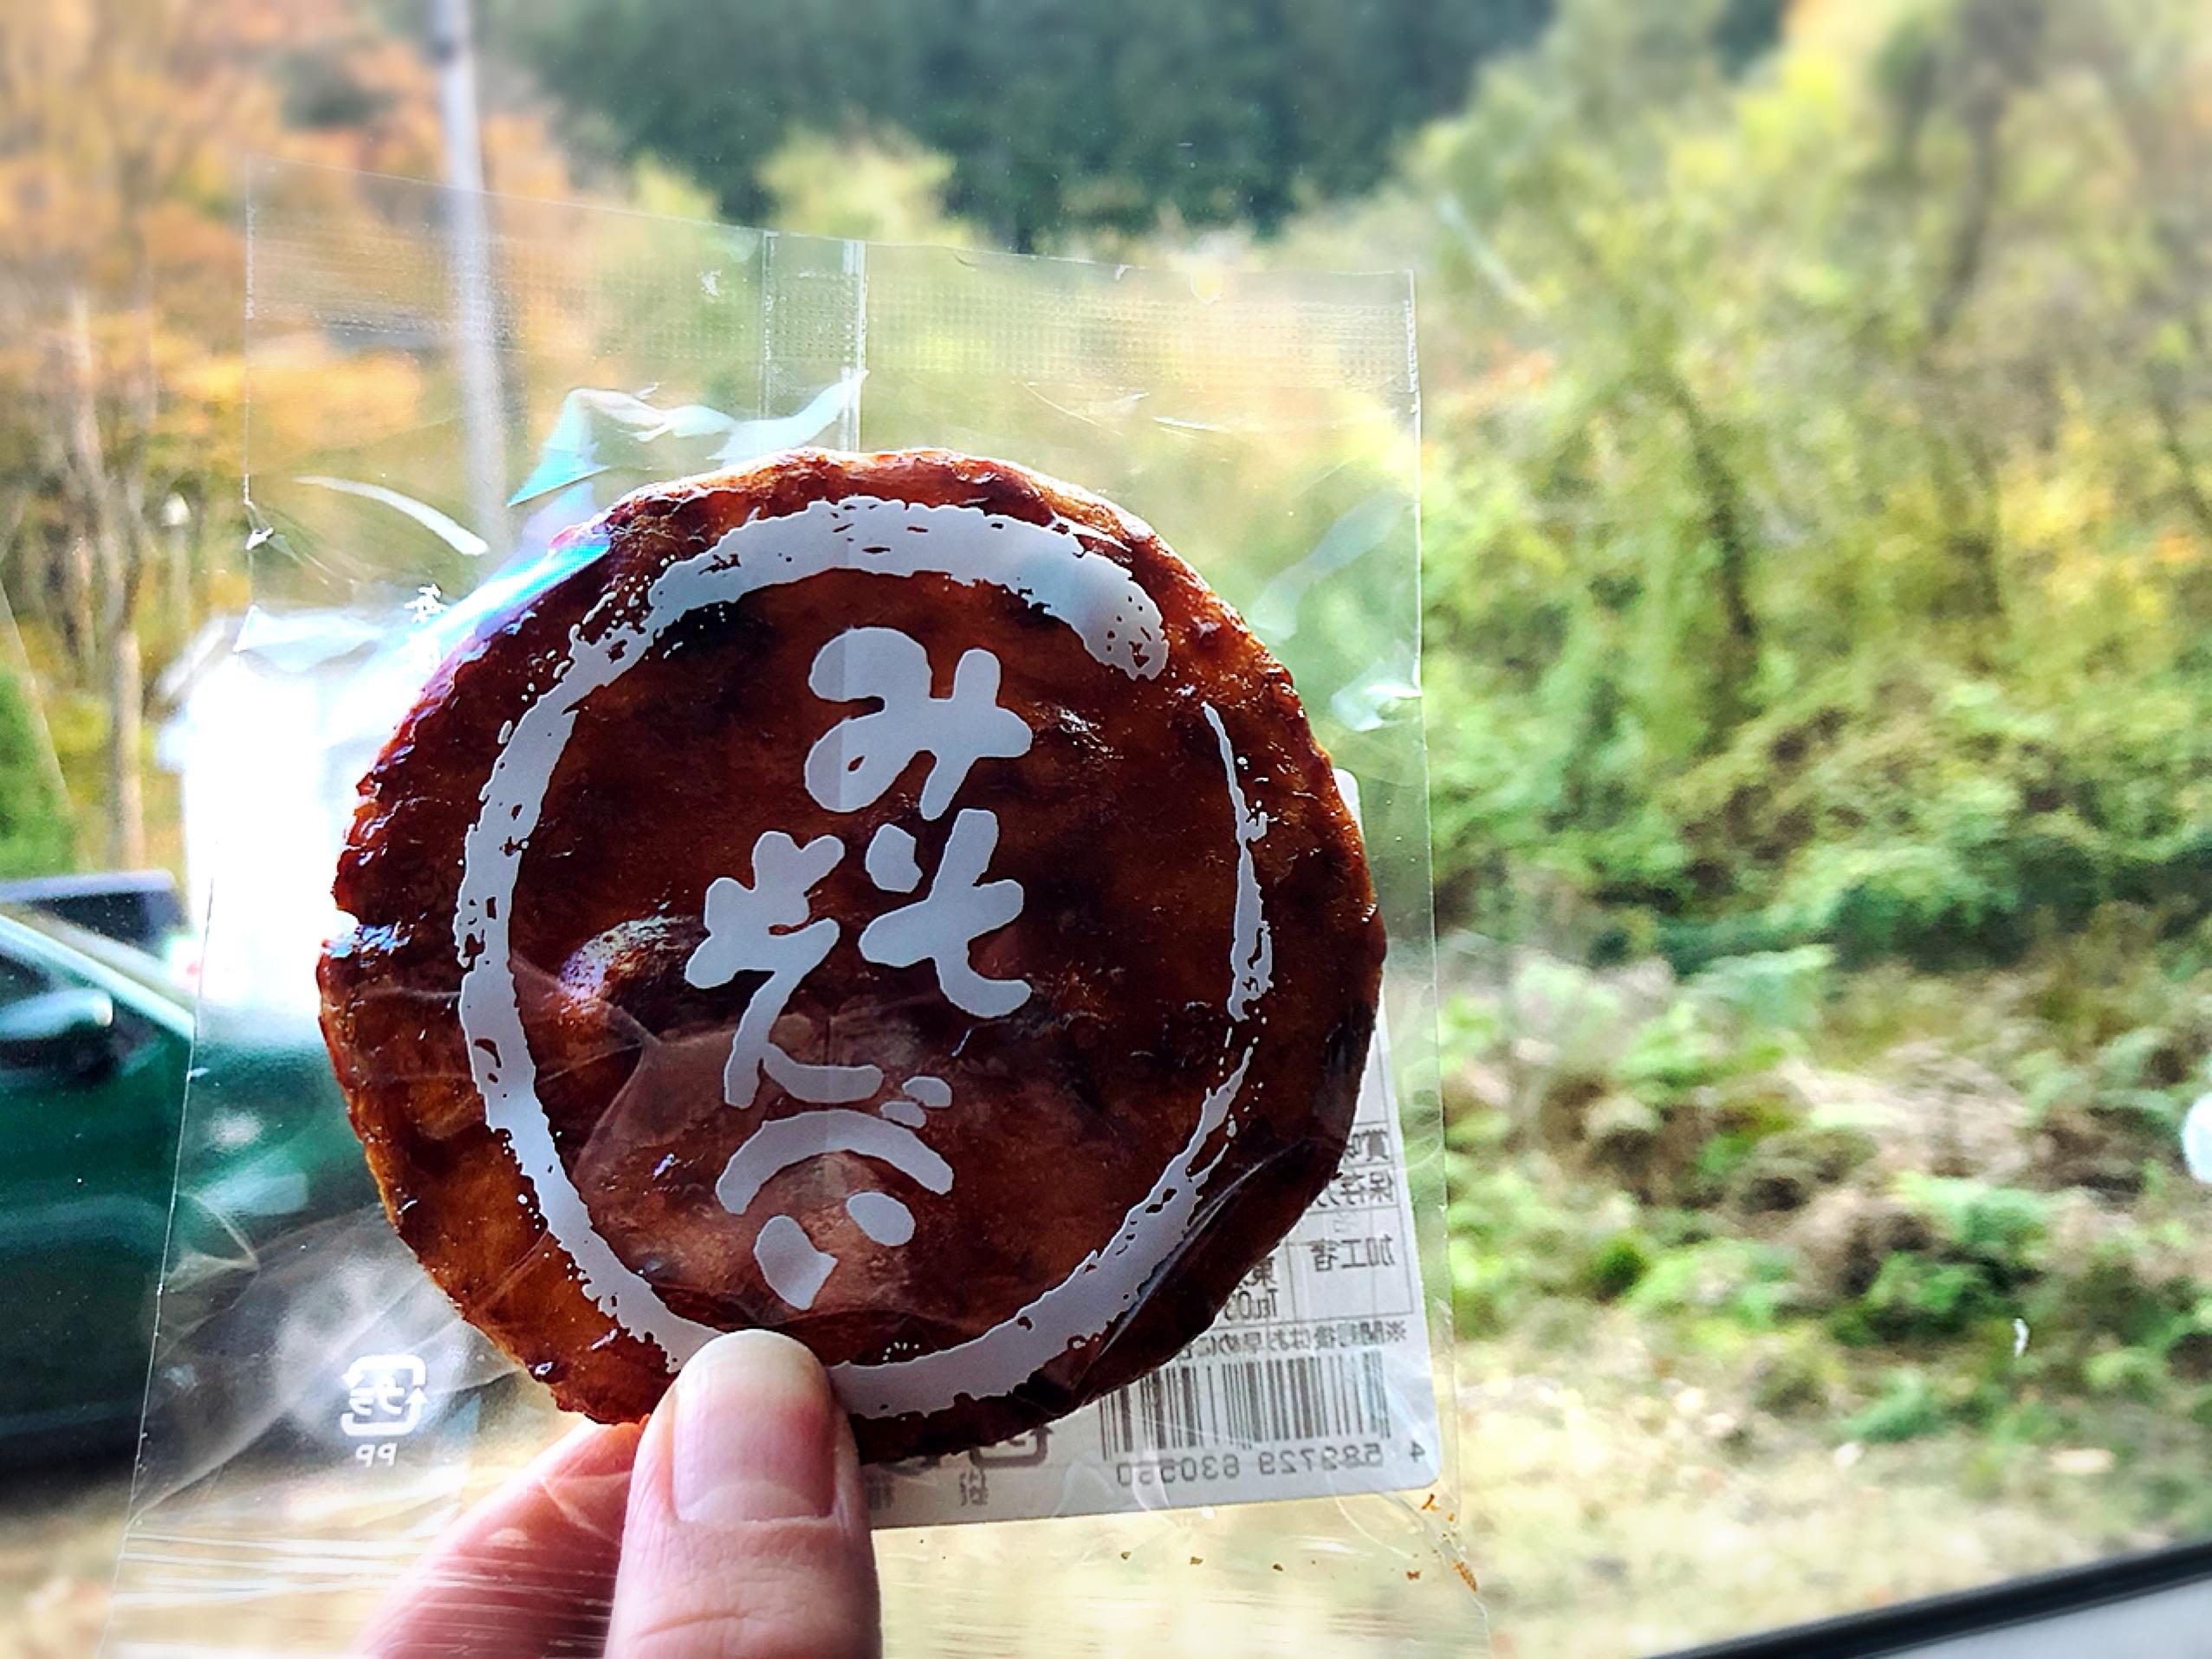 【#静岡】レトロな雰囲気が可愛い♡こだわりお煎餅と抹茶のドーナツアイス❁SHOP&CAFE 晴耕雨読_8